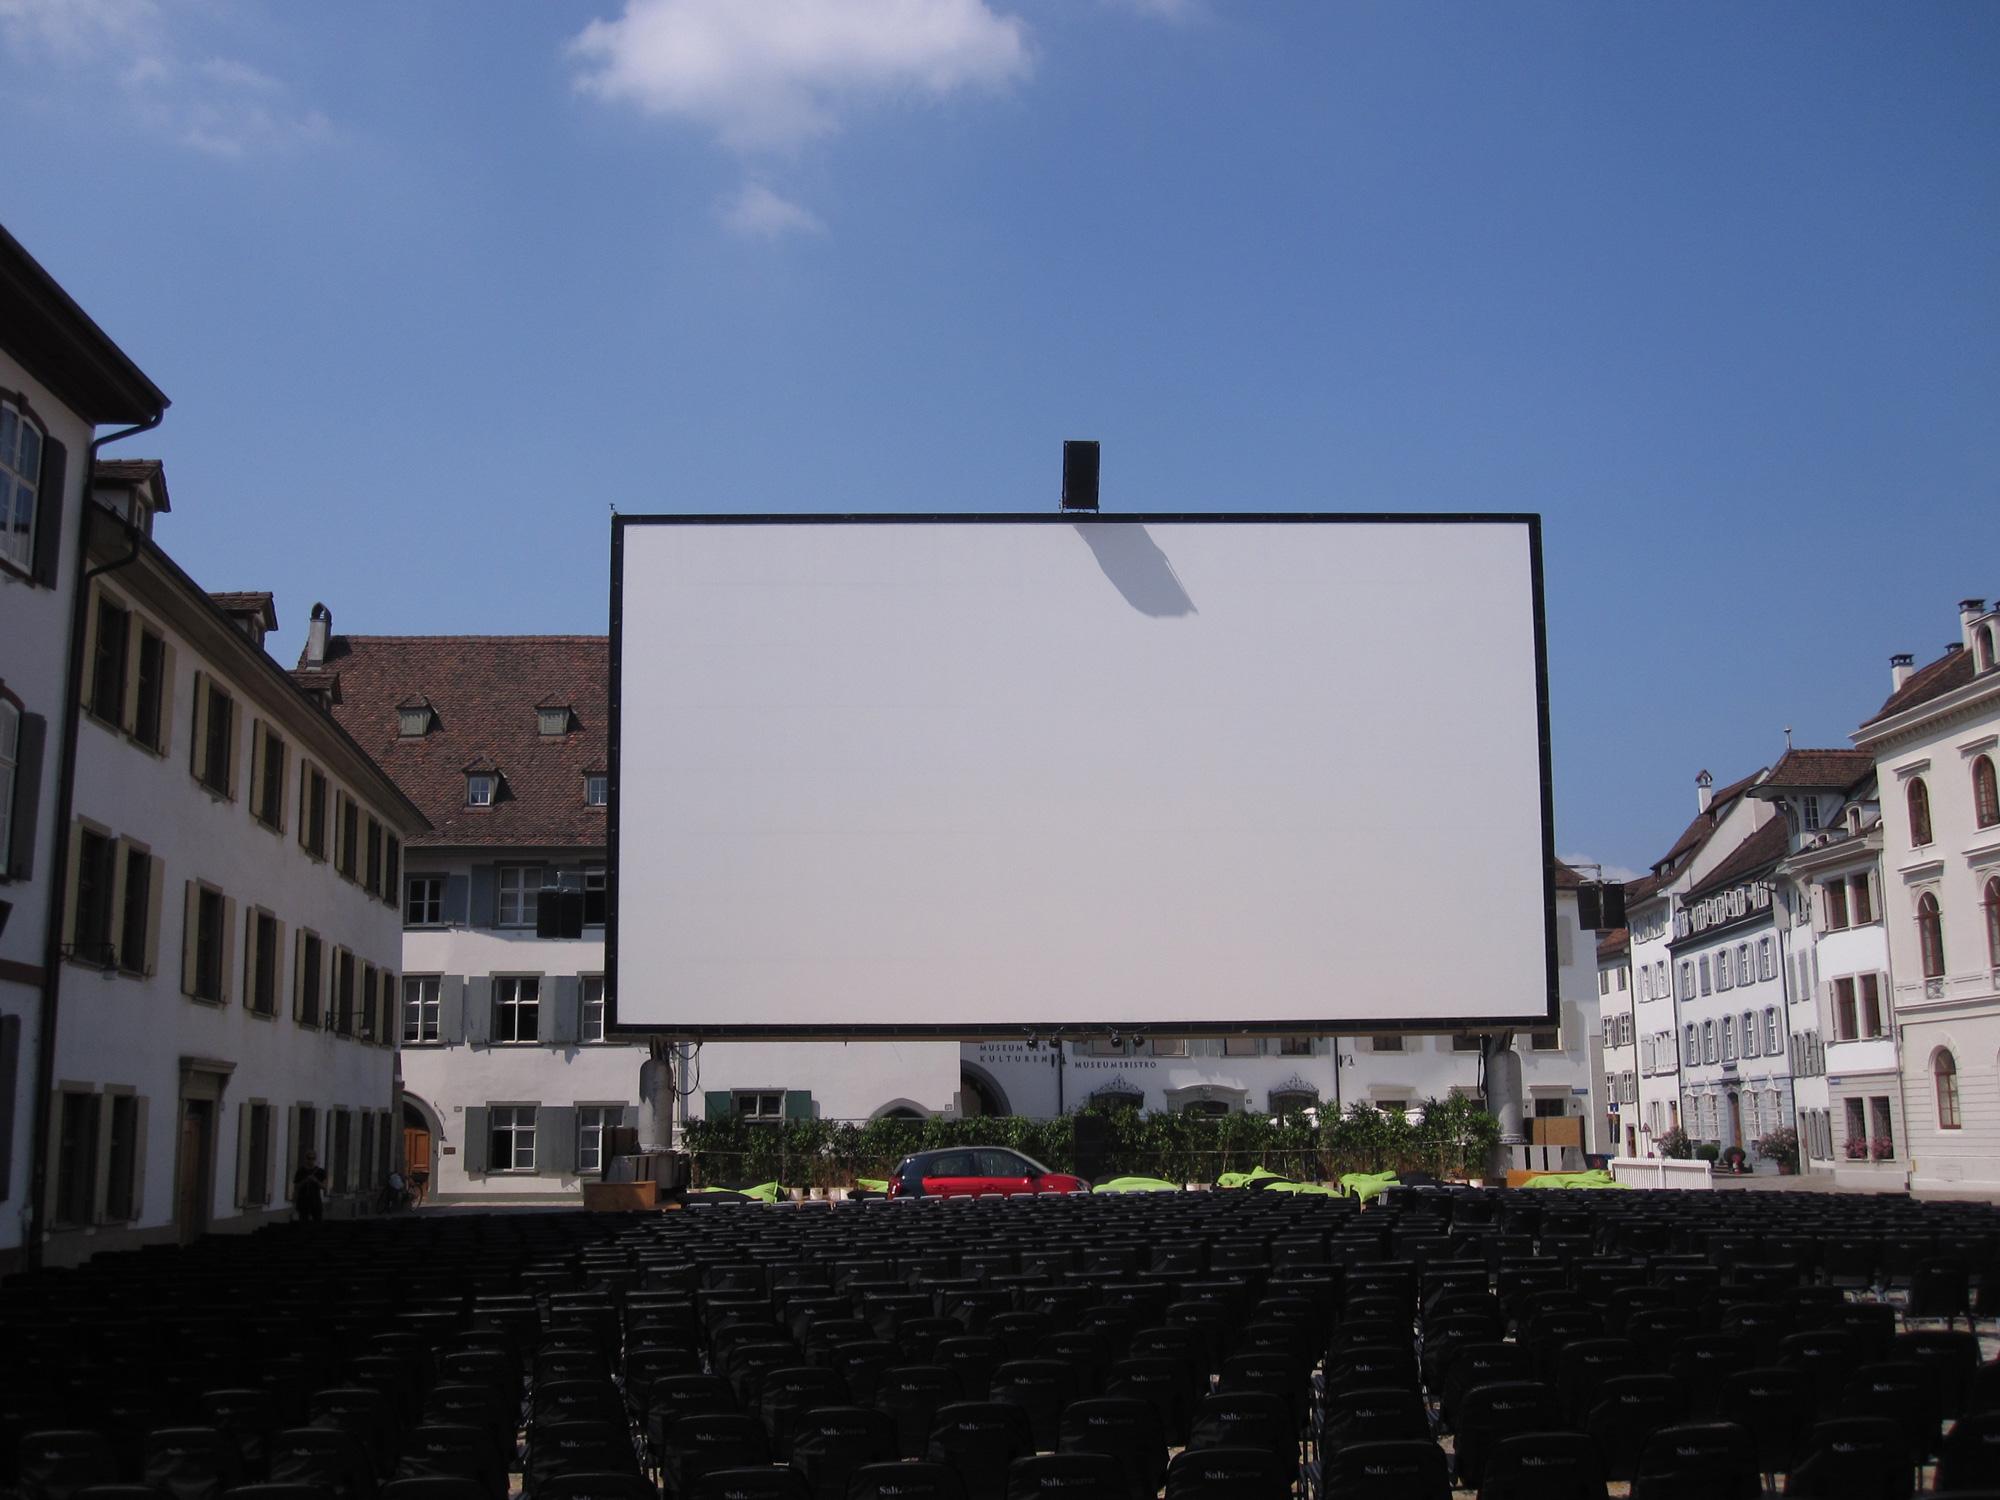 filmdoek op stadsplein